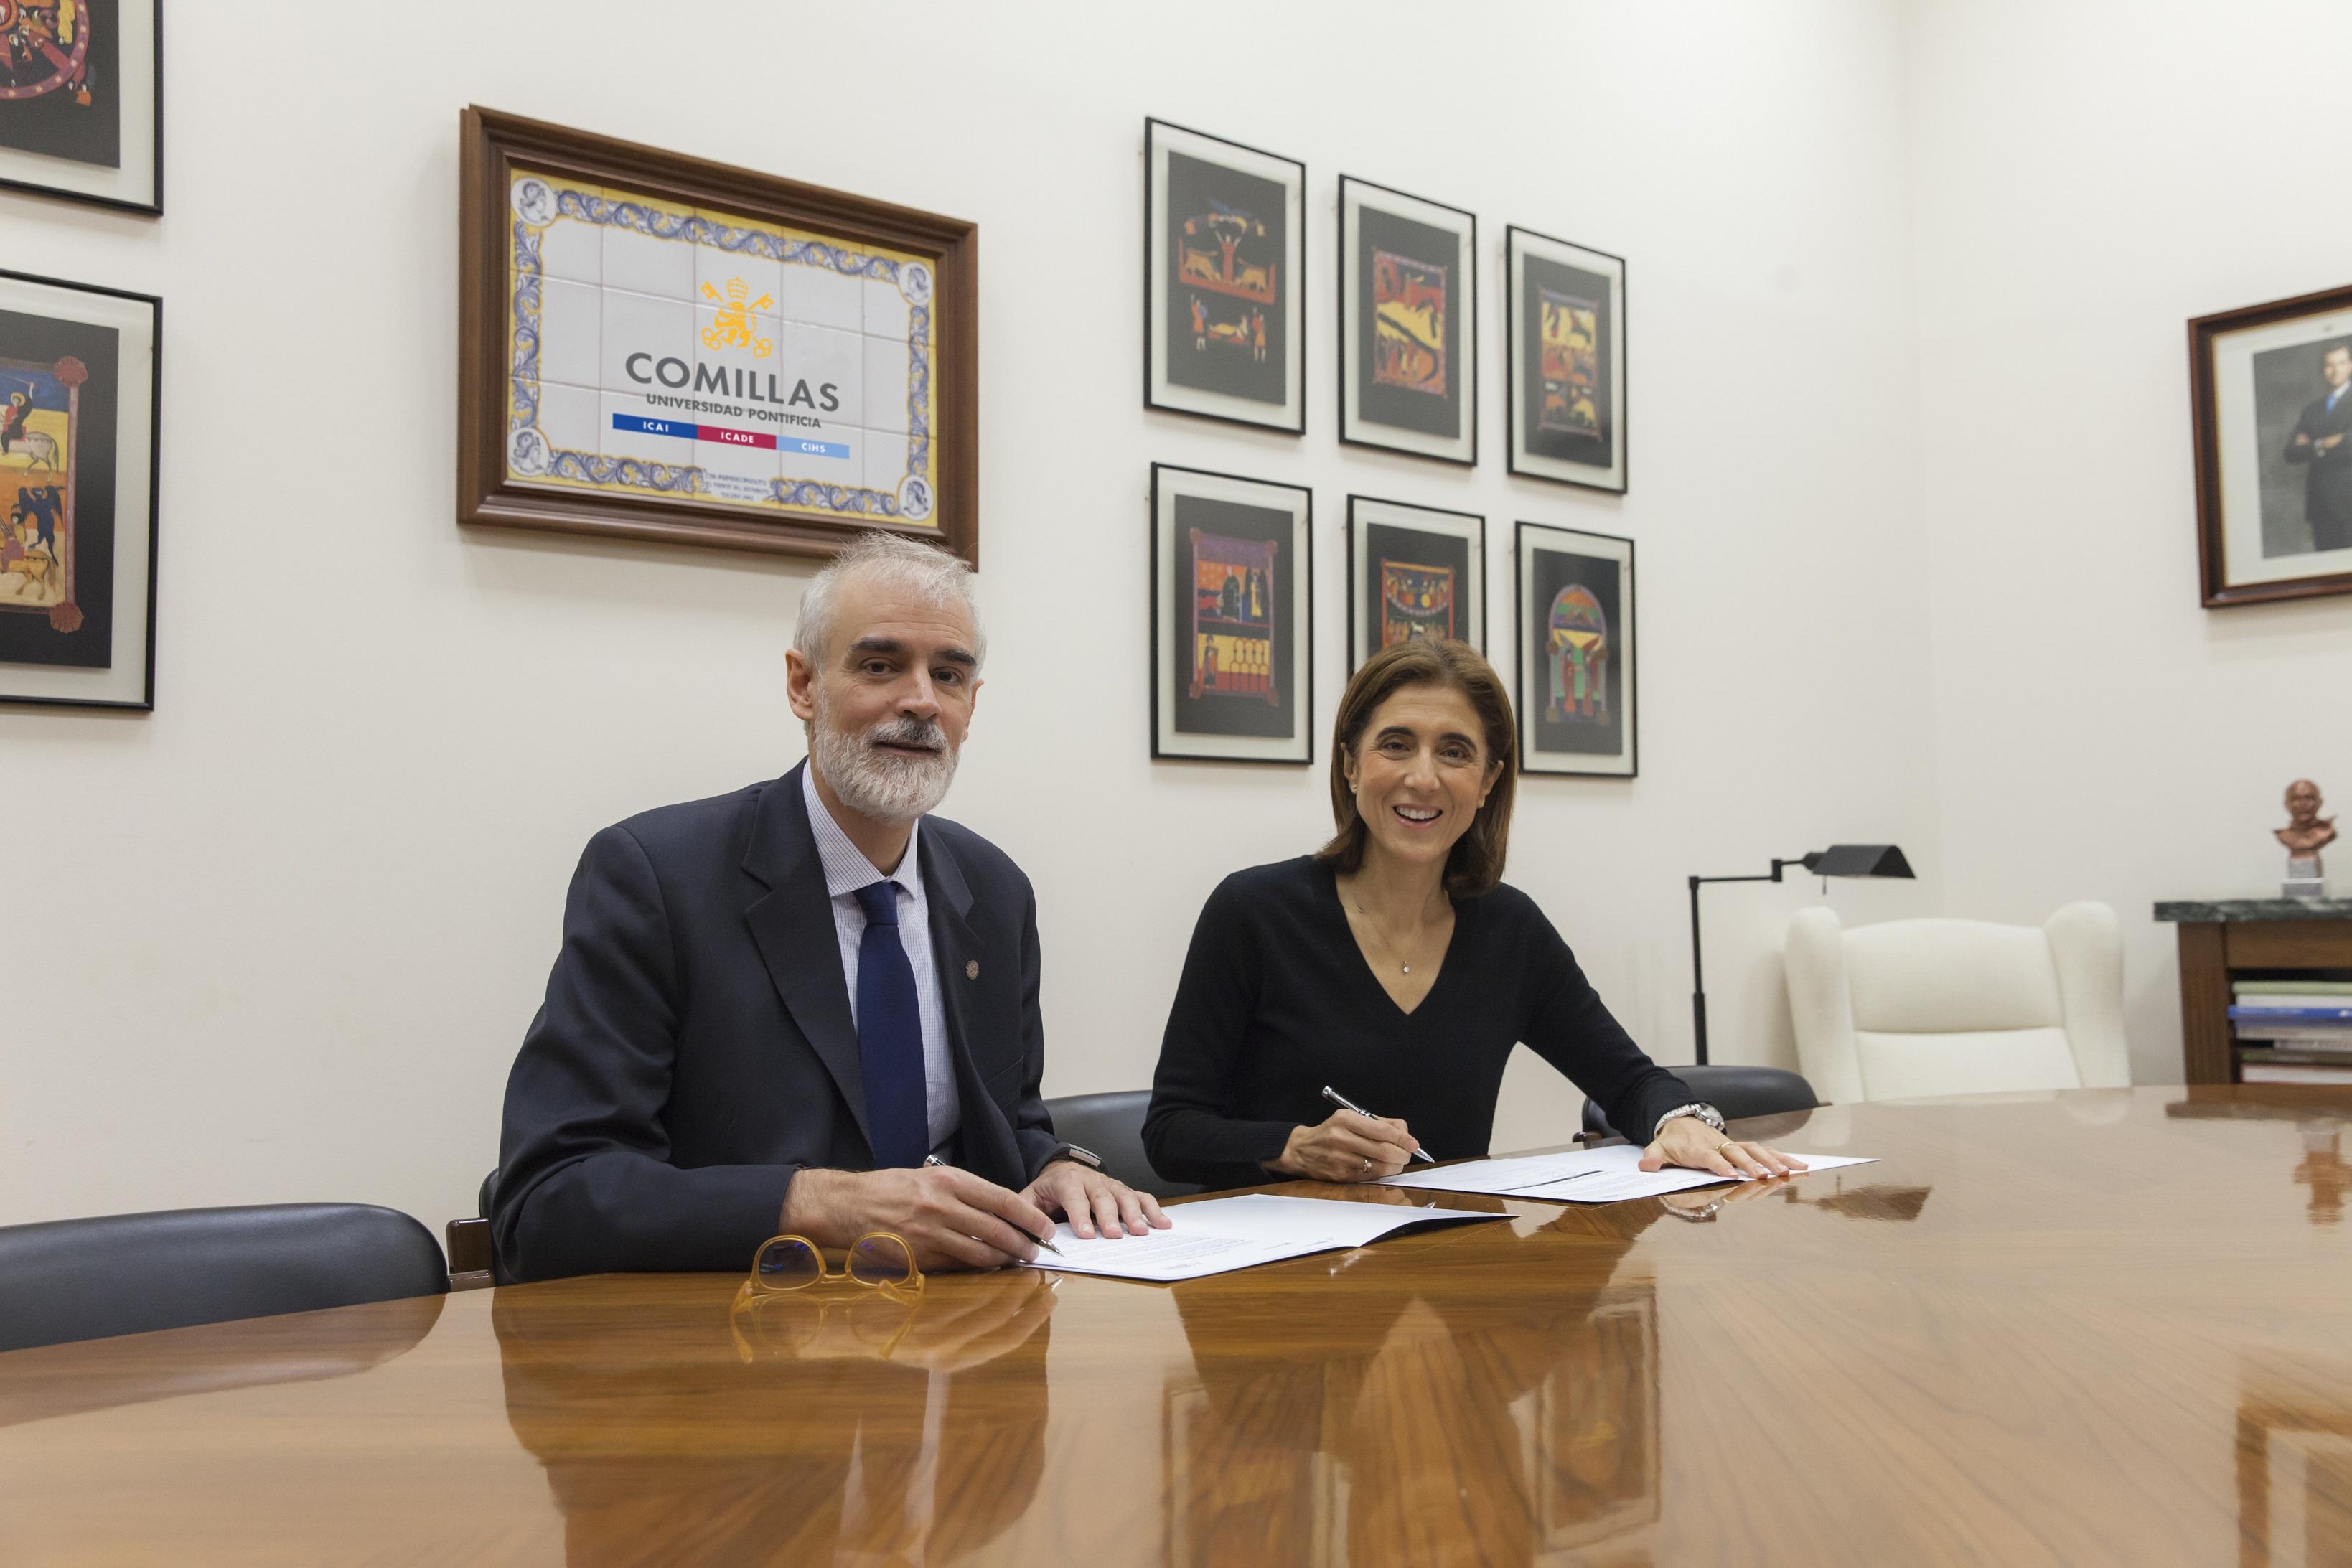 Julio L. Martínez, rector de la Universidad Pontificia Comillas, y Pilar López, presidenta de Microsoft España.